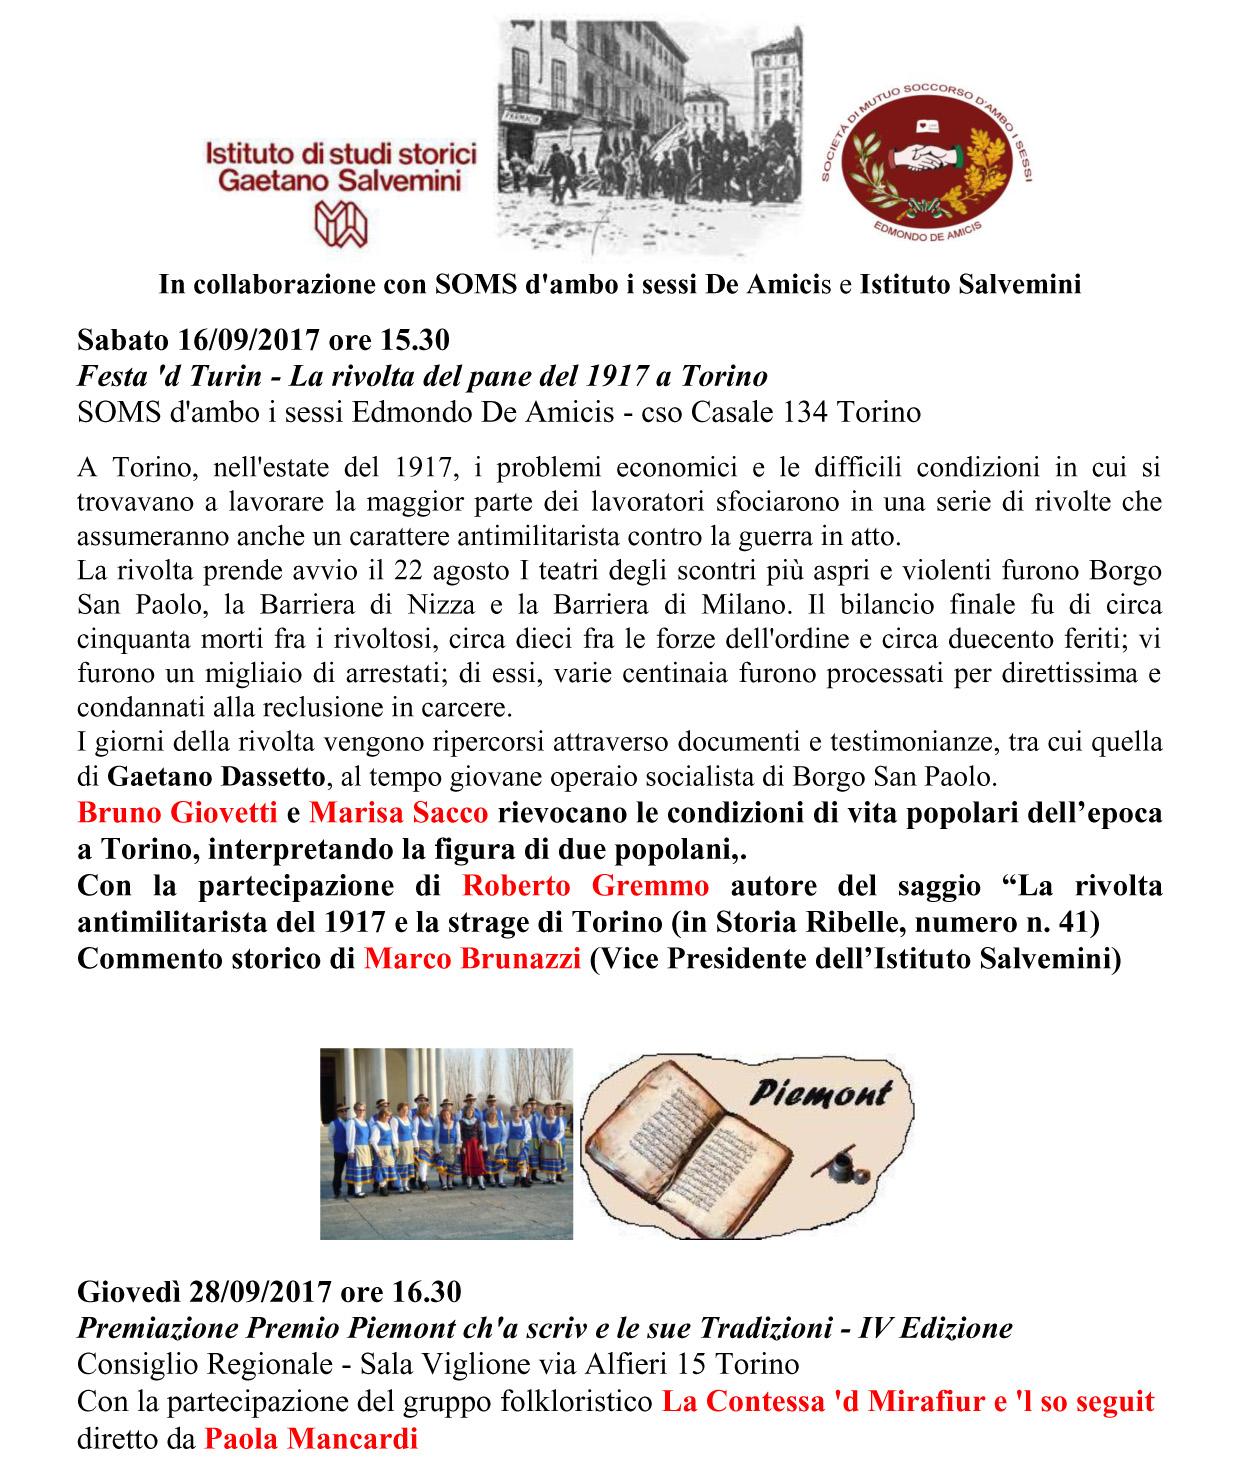 A03 Festa 'd Turin 20172 2